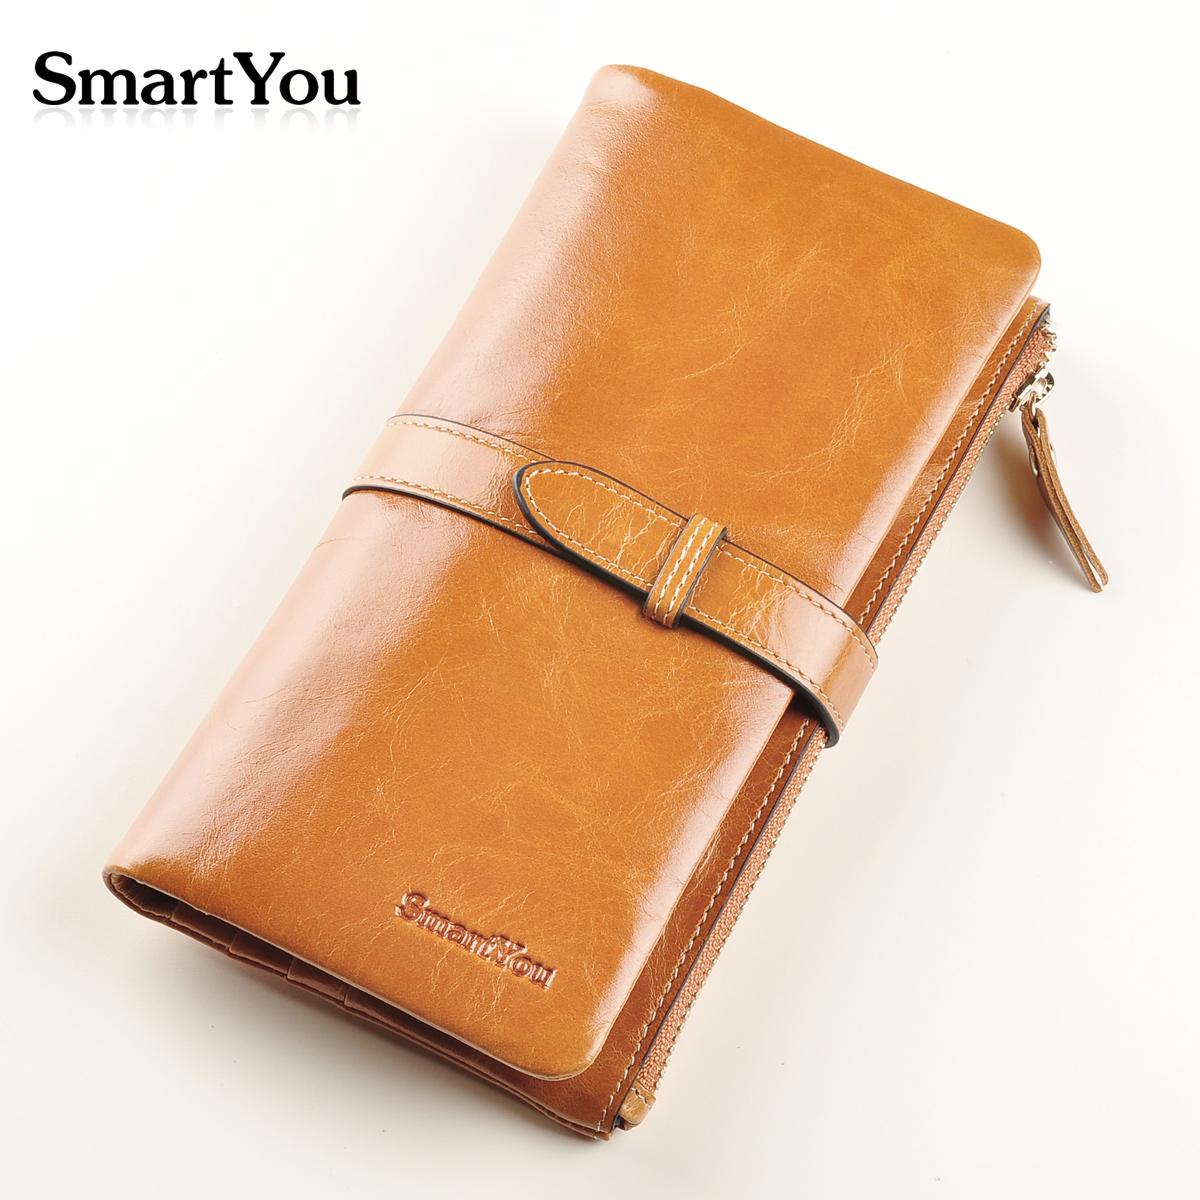 Бумажник Smartyou 8801 Длинный бумажник Девушки Кожа быка